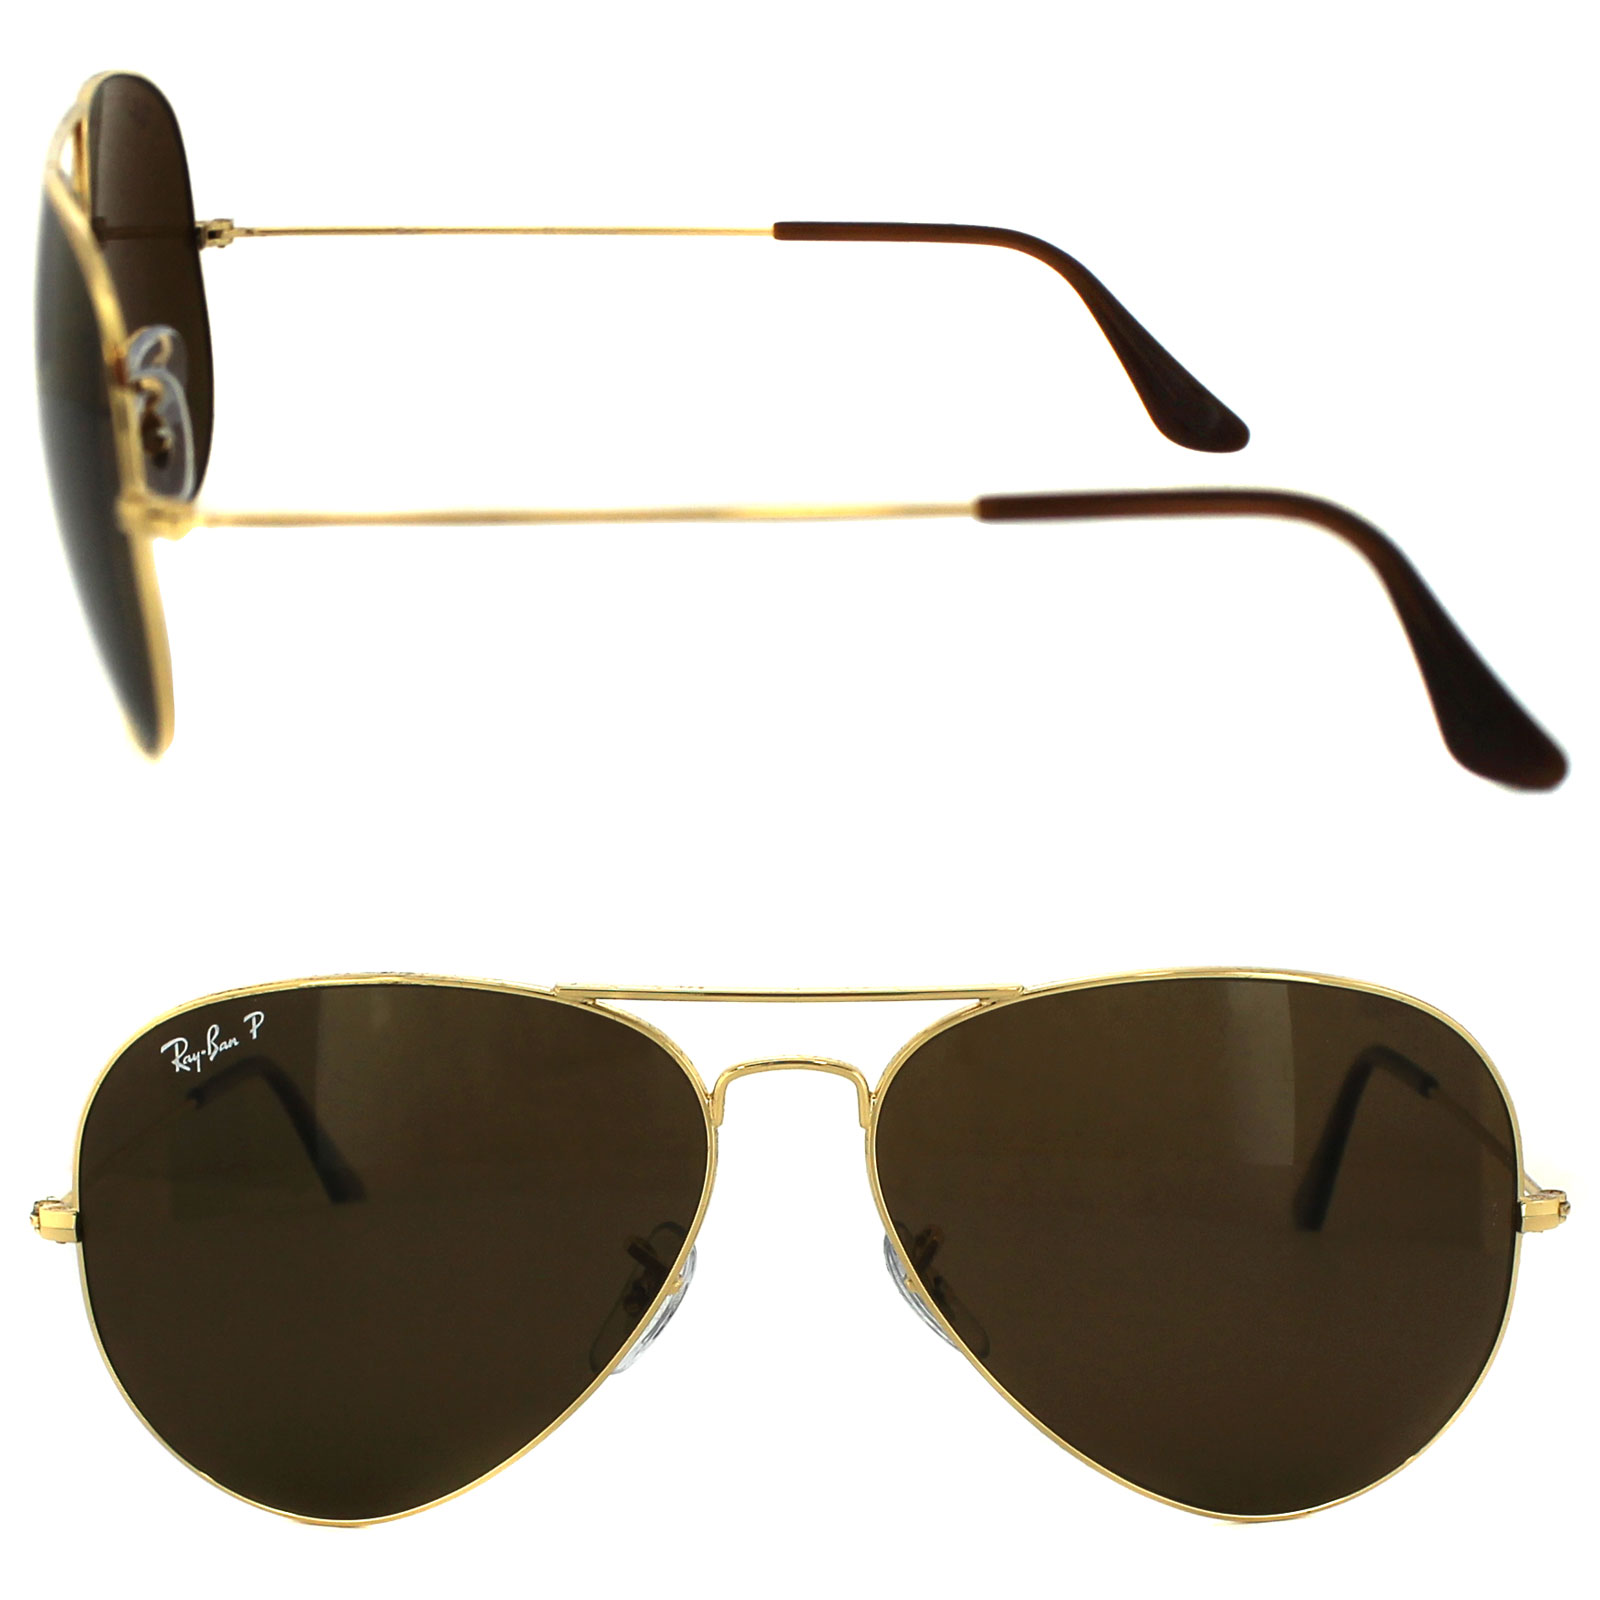 bb078e1c2 CENTINELA Gafas de sol Ray-Ban Aviator 3025 001/57 oro marrón polarizada  grande 62mm